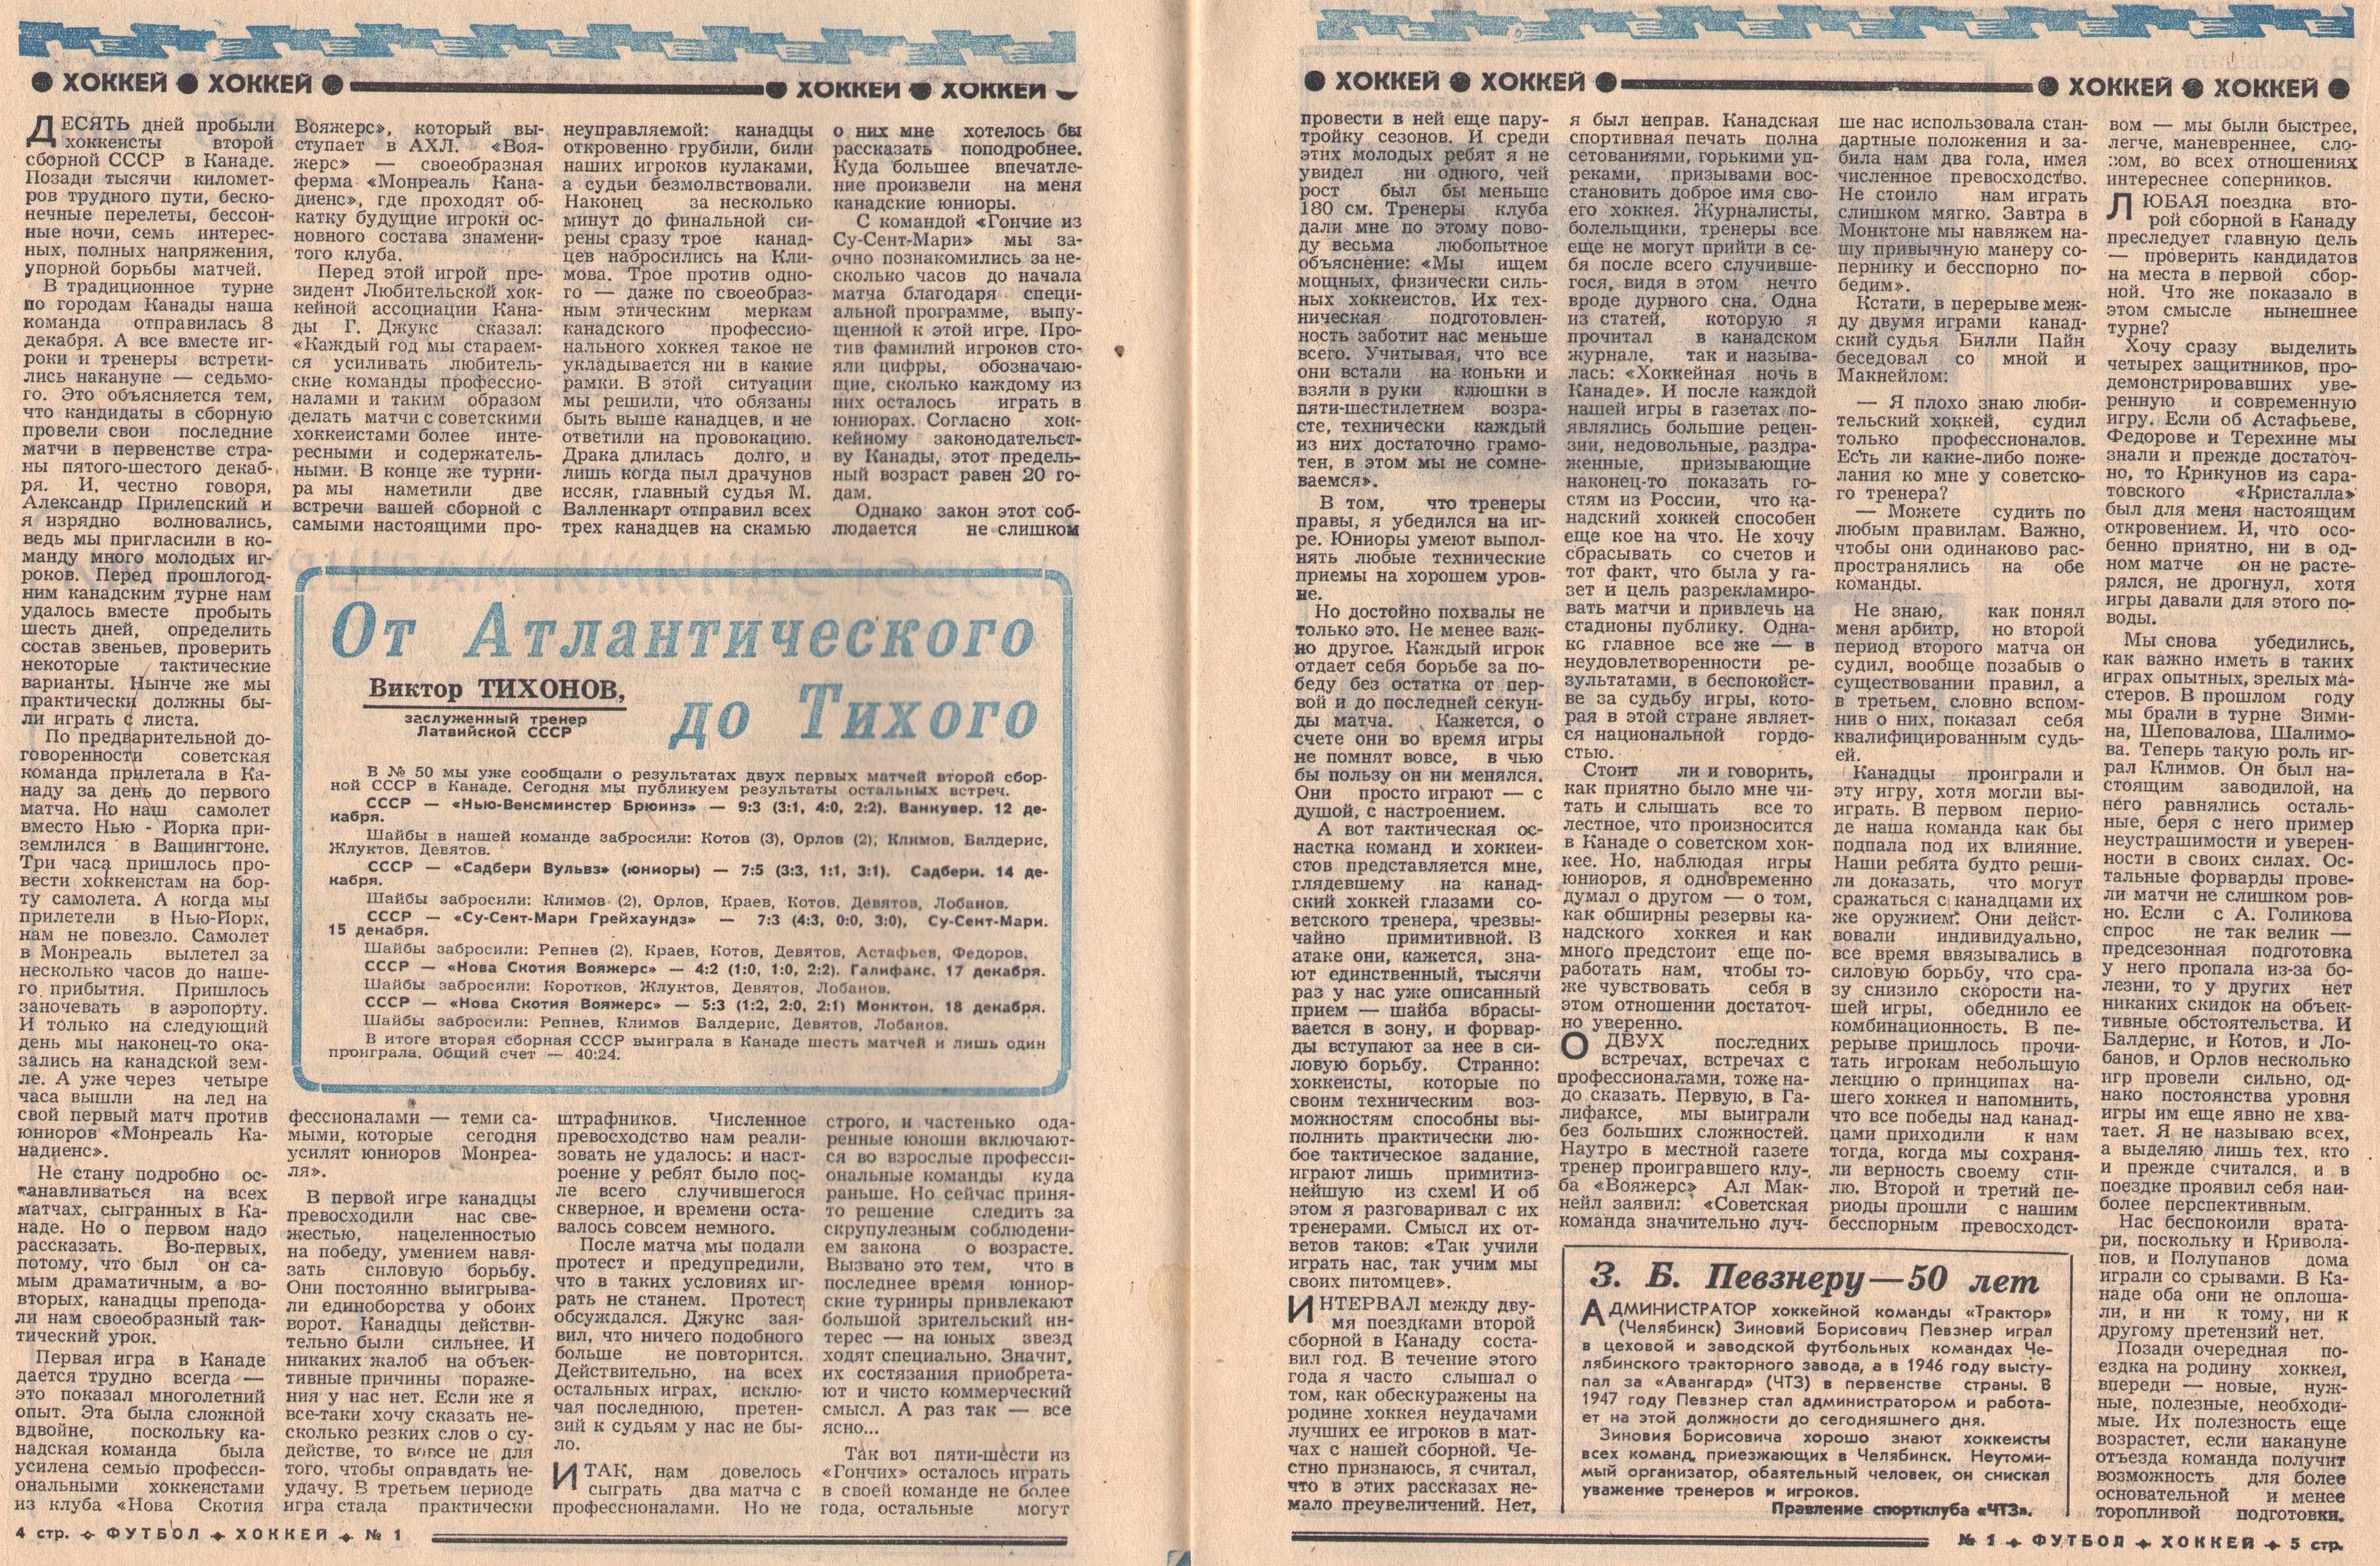 Ф-Х.№1.1975.jpg